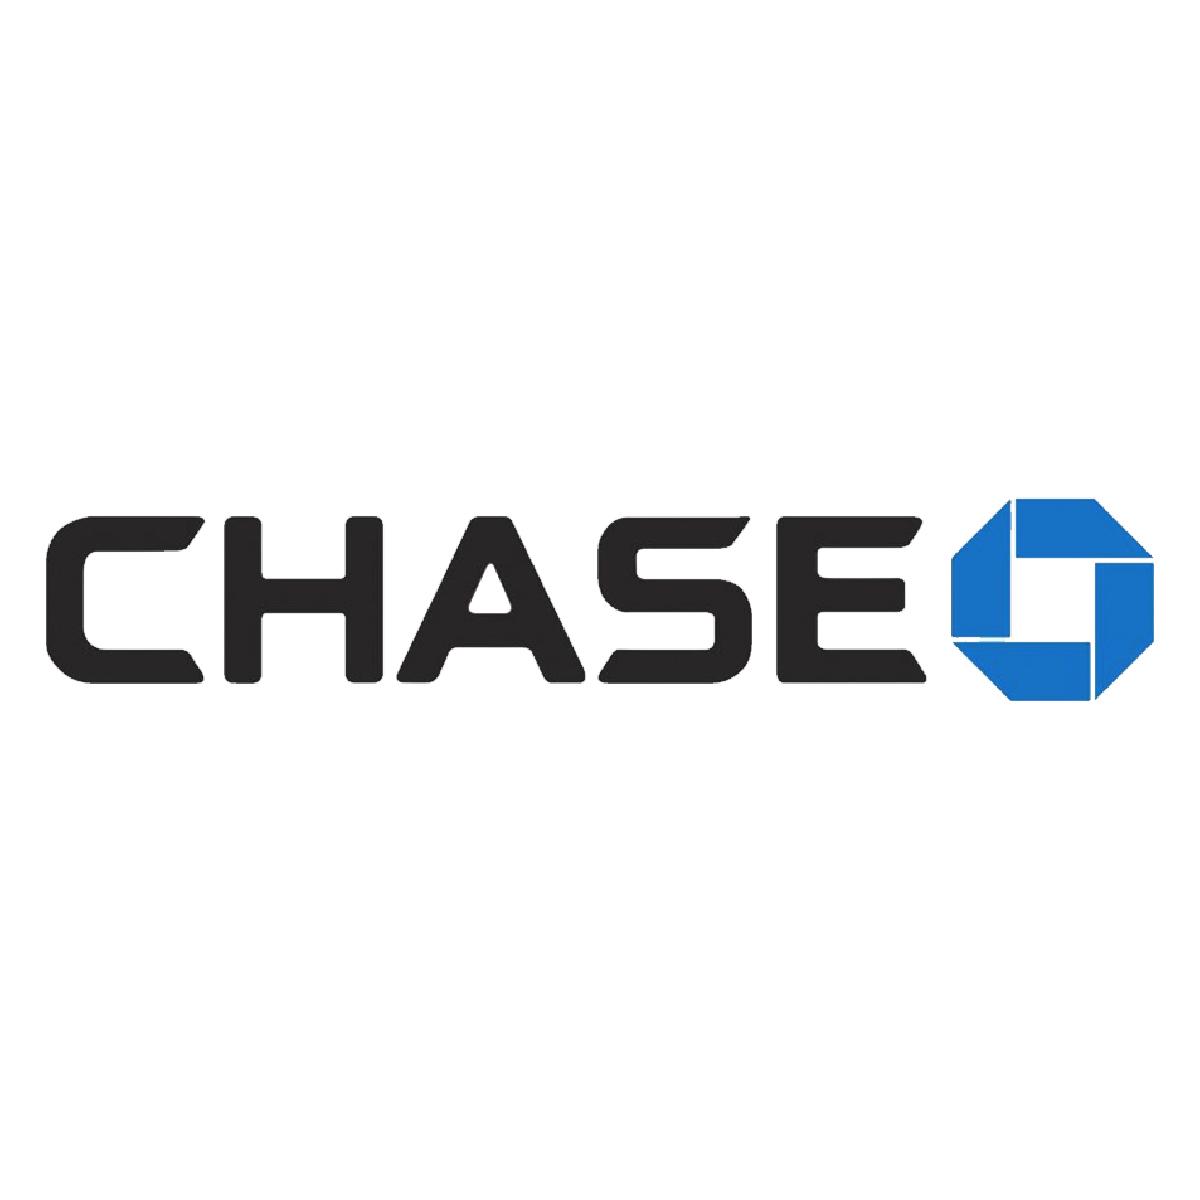 B2B Brand Logos_0005_Chase-Bank-Logo-1170x614.jpg